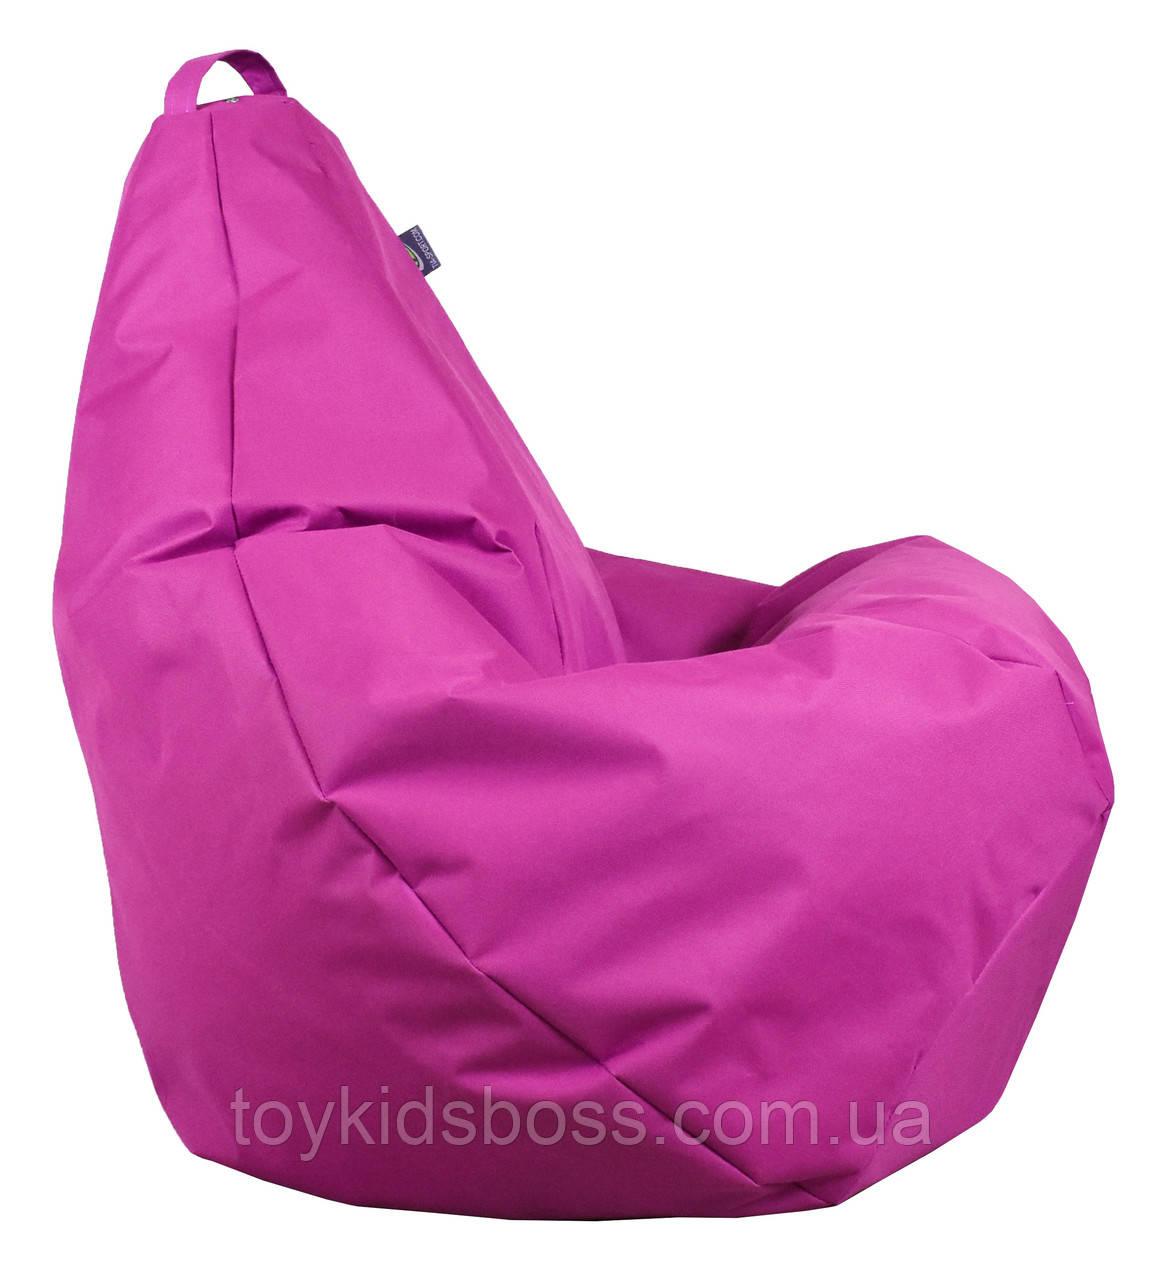 Кресло груша Оксфорд Розовый